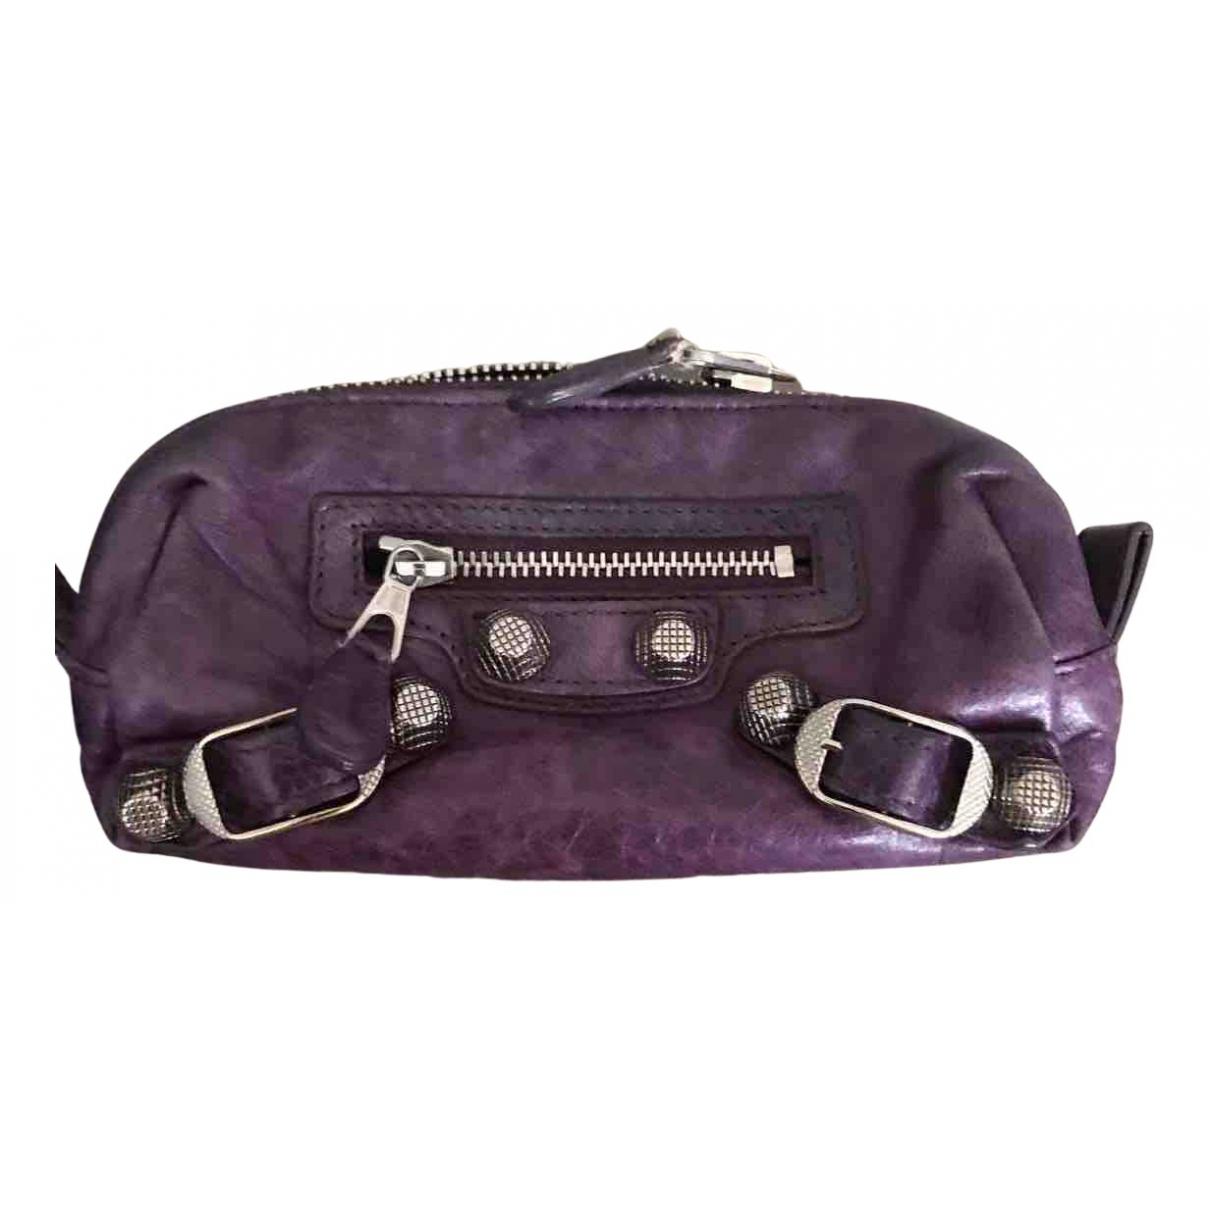 Balenciaga - Petite maroquinerie   pour femme en cuir - violet